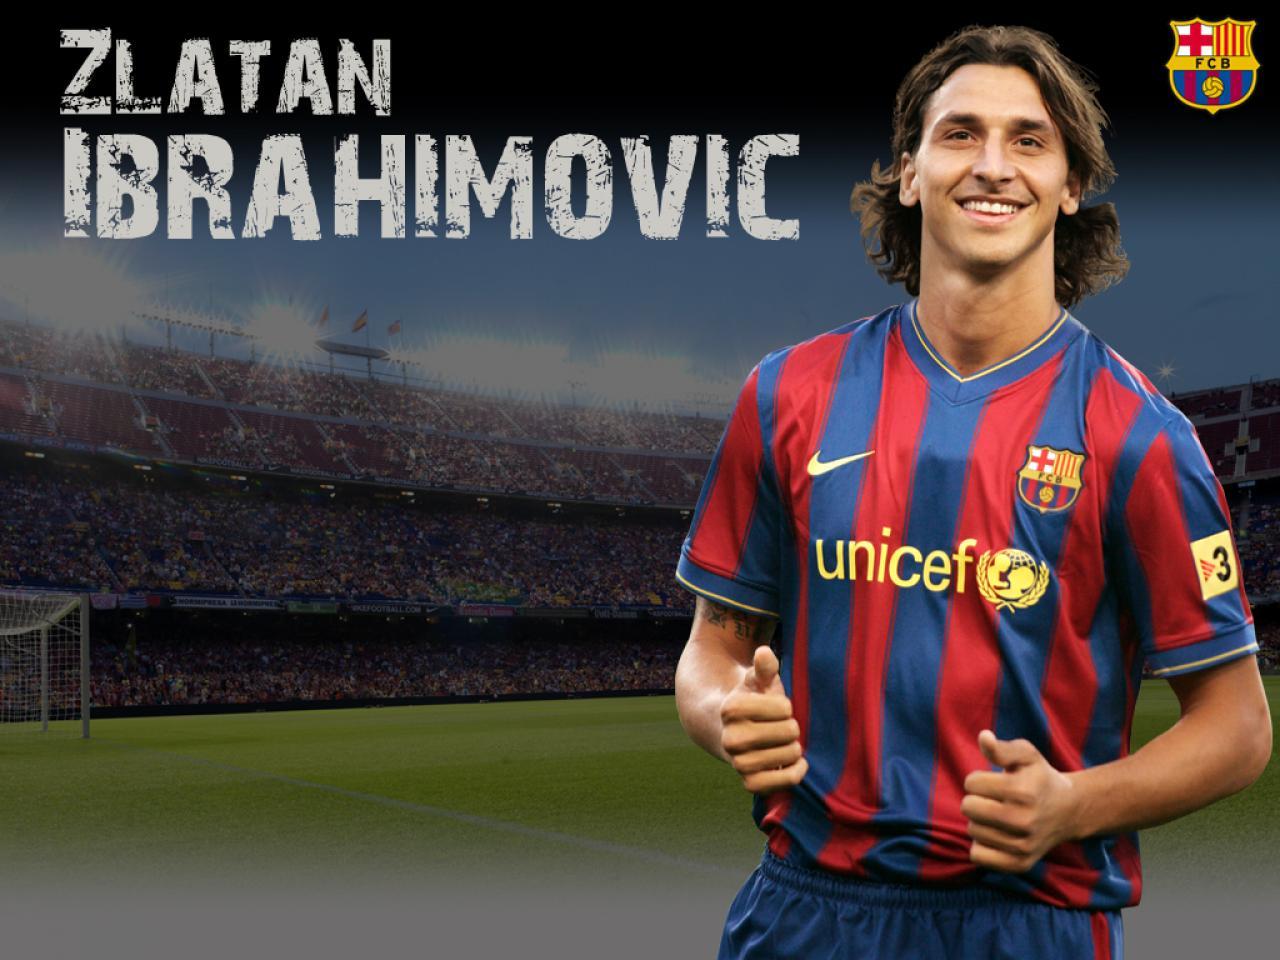 Ibrahimovic Fcb